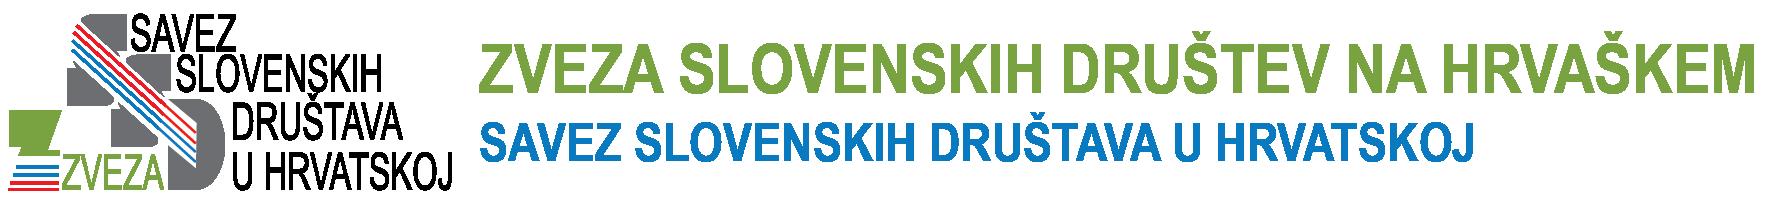 Zveza Slovenskih društev na Hrvaškem